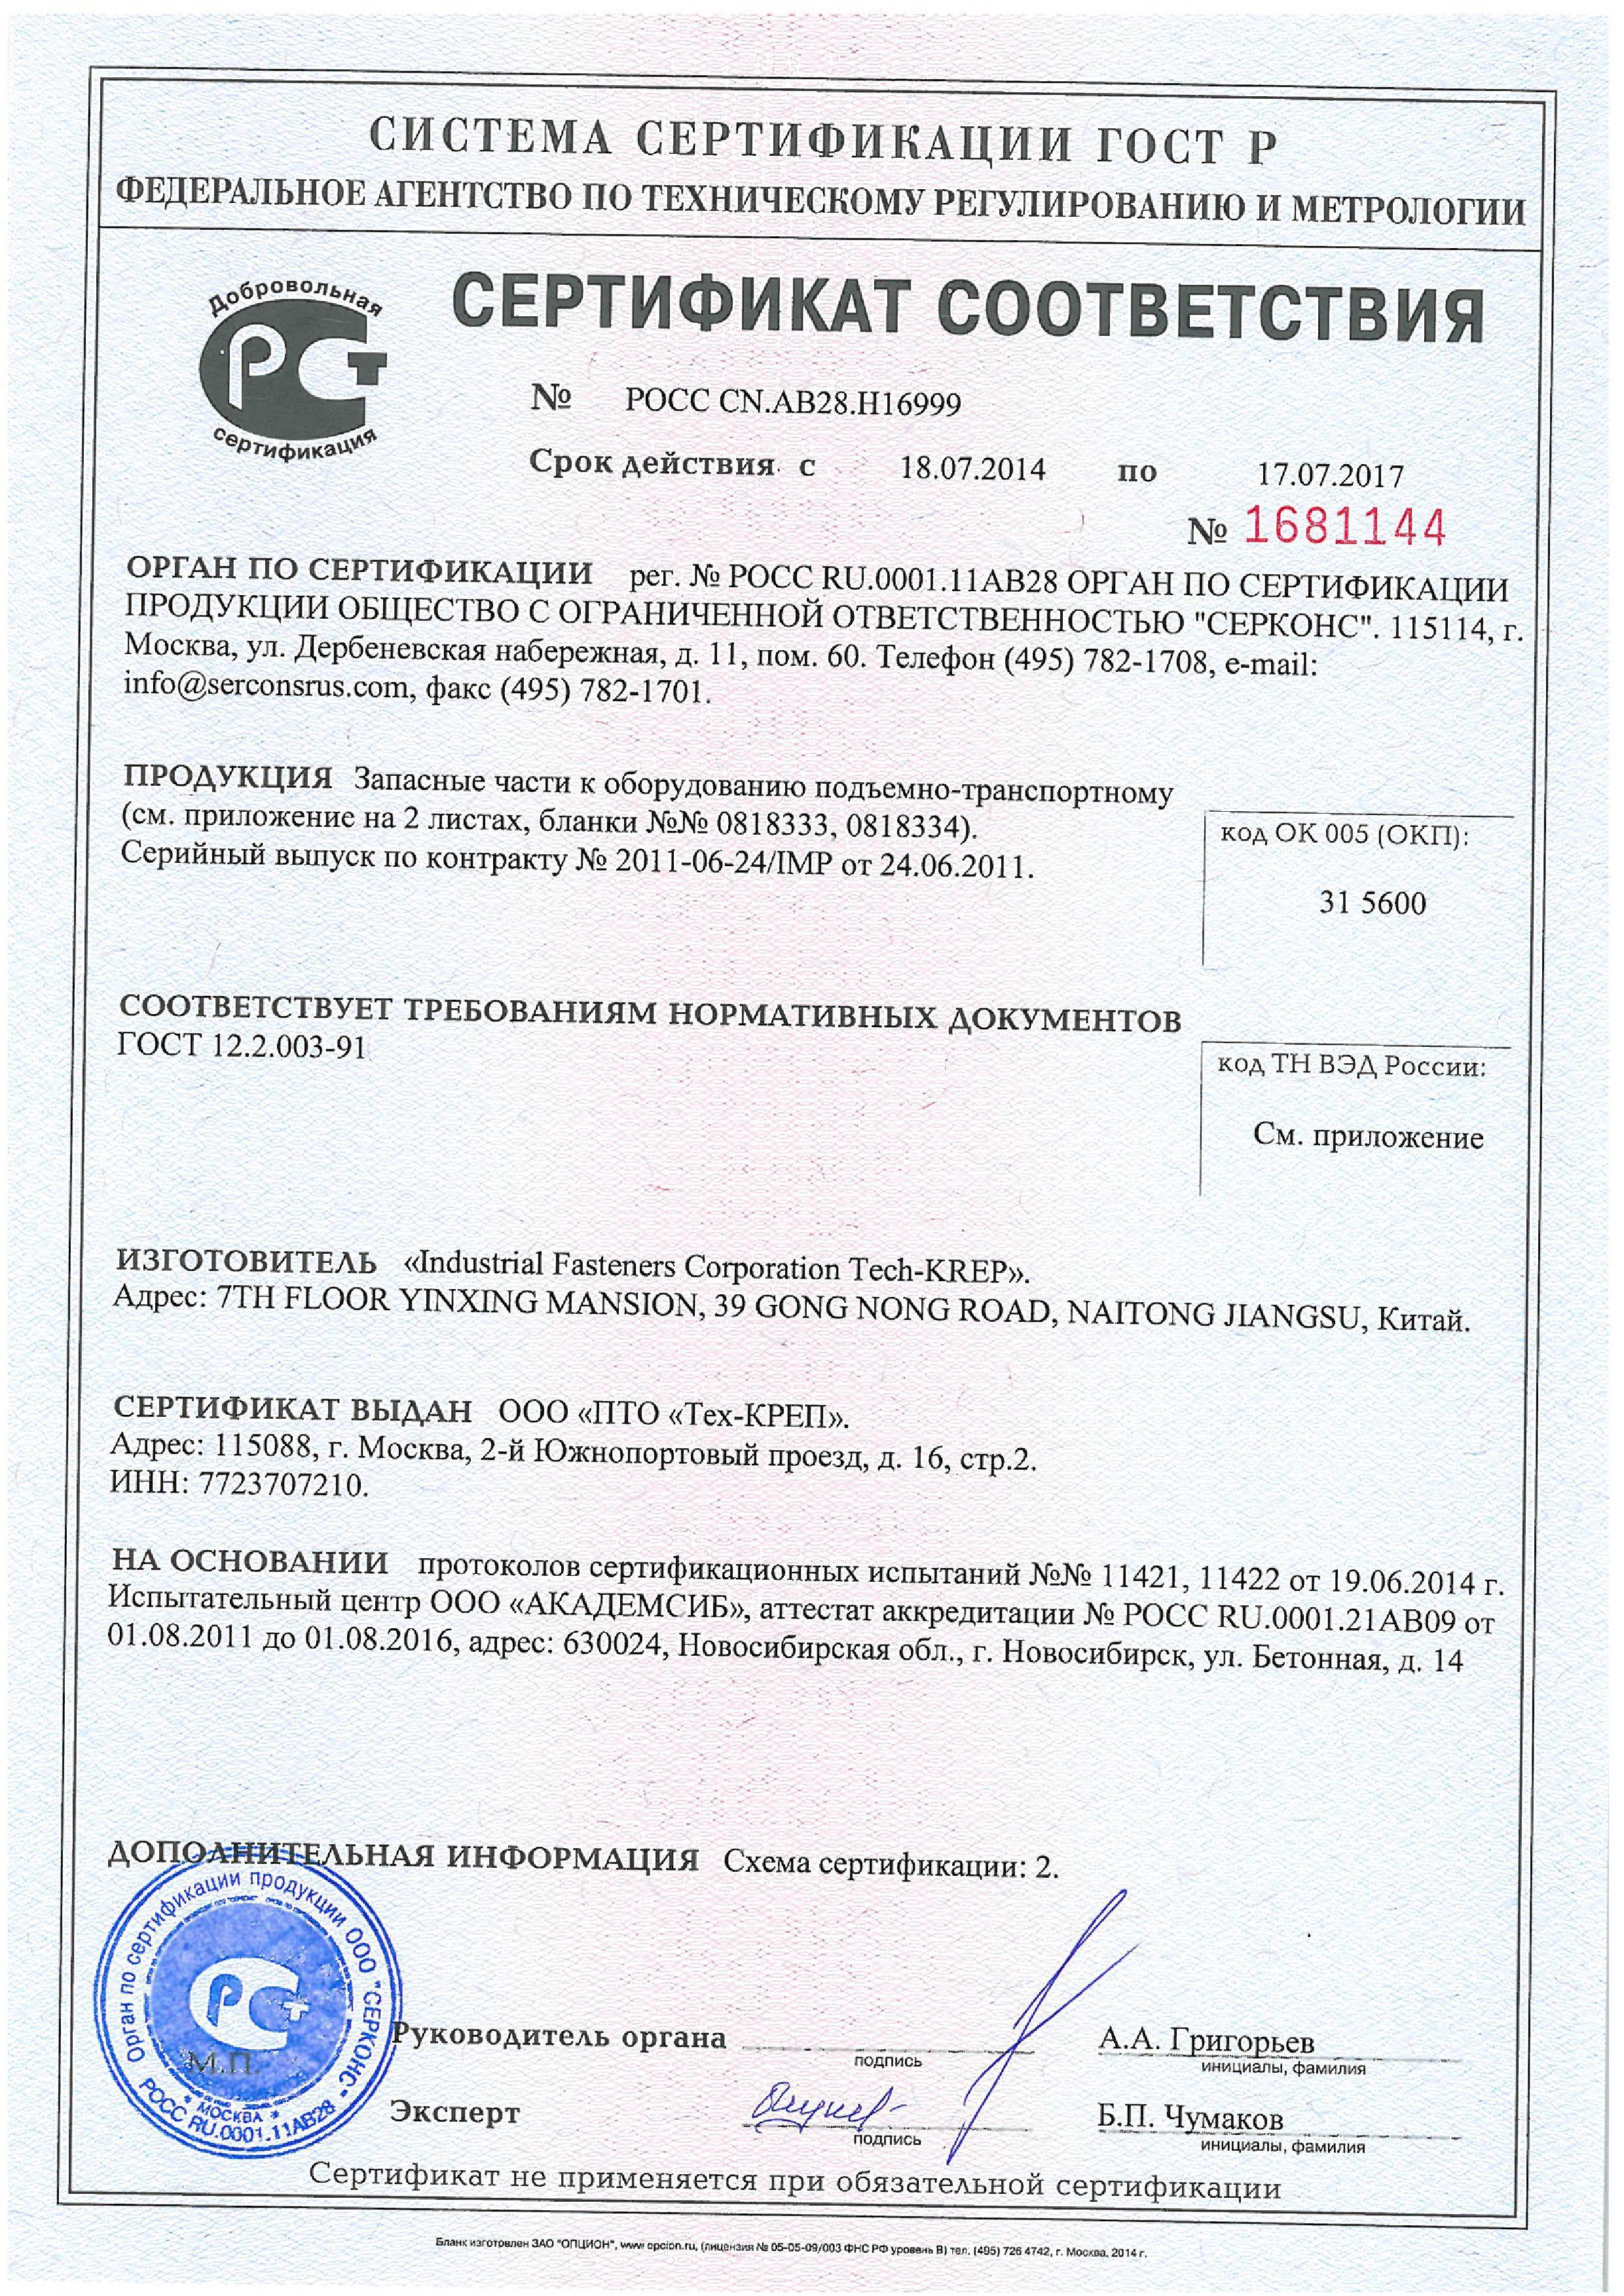 Сертификат соответствия на запасные части к оборудованию подъемно-транспортному